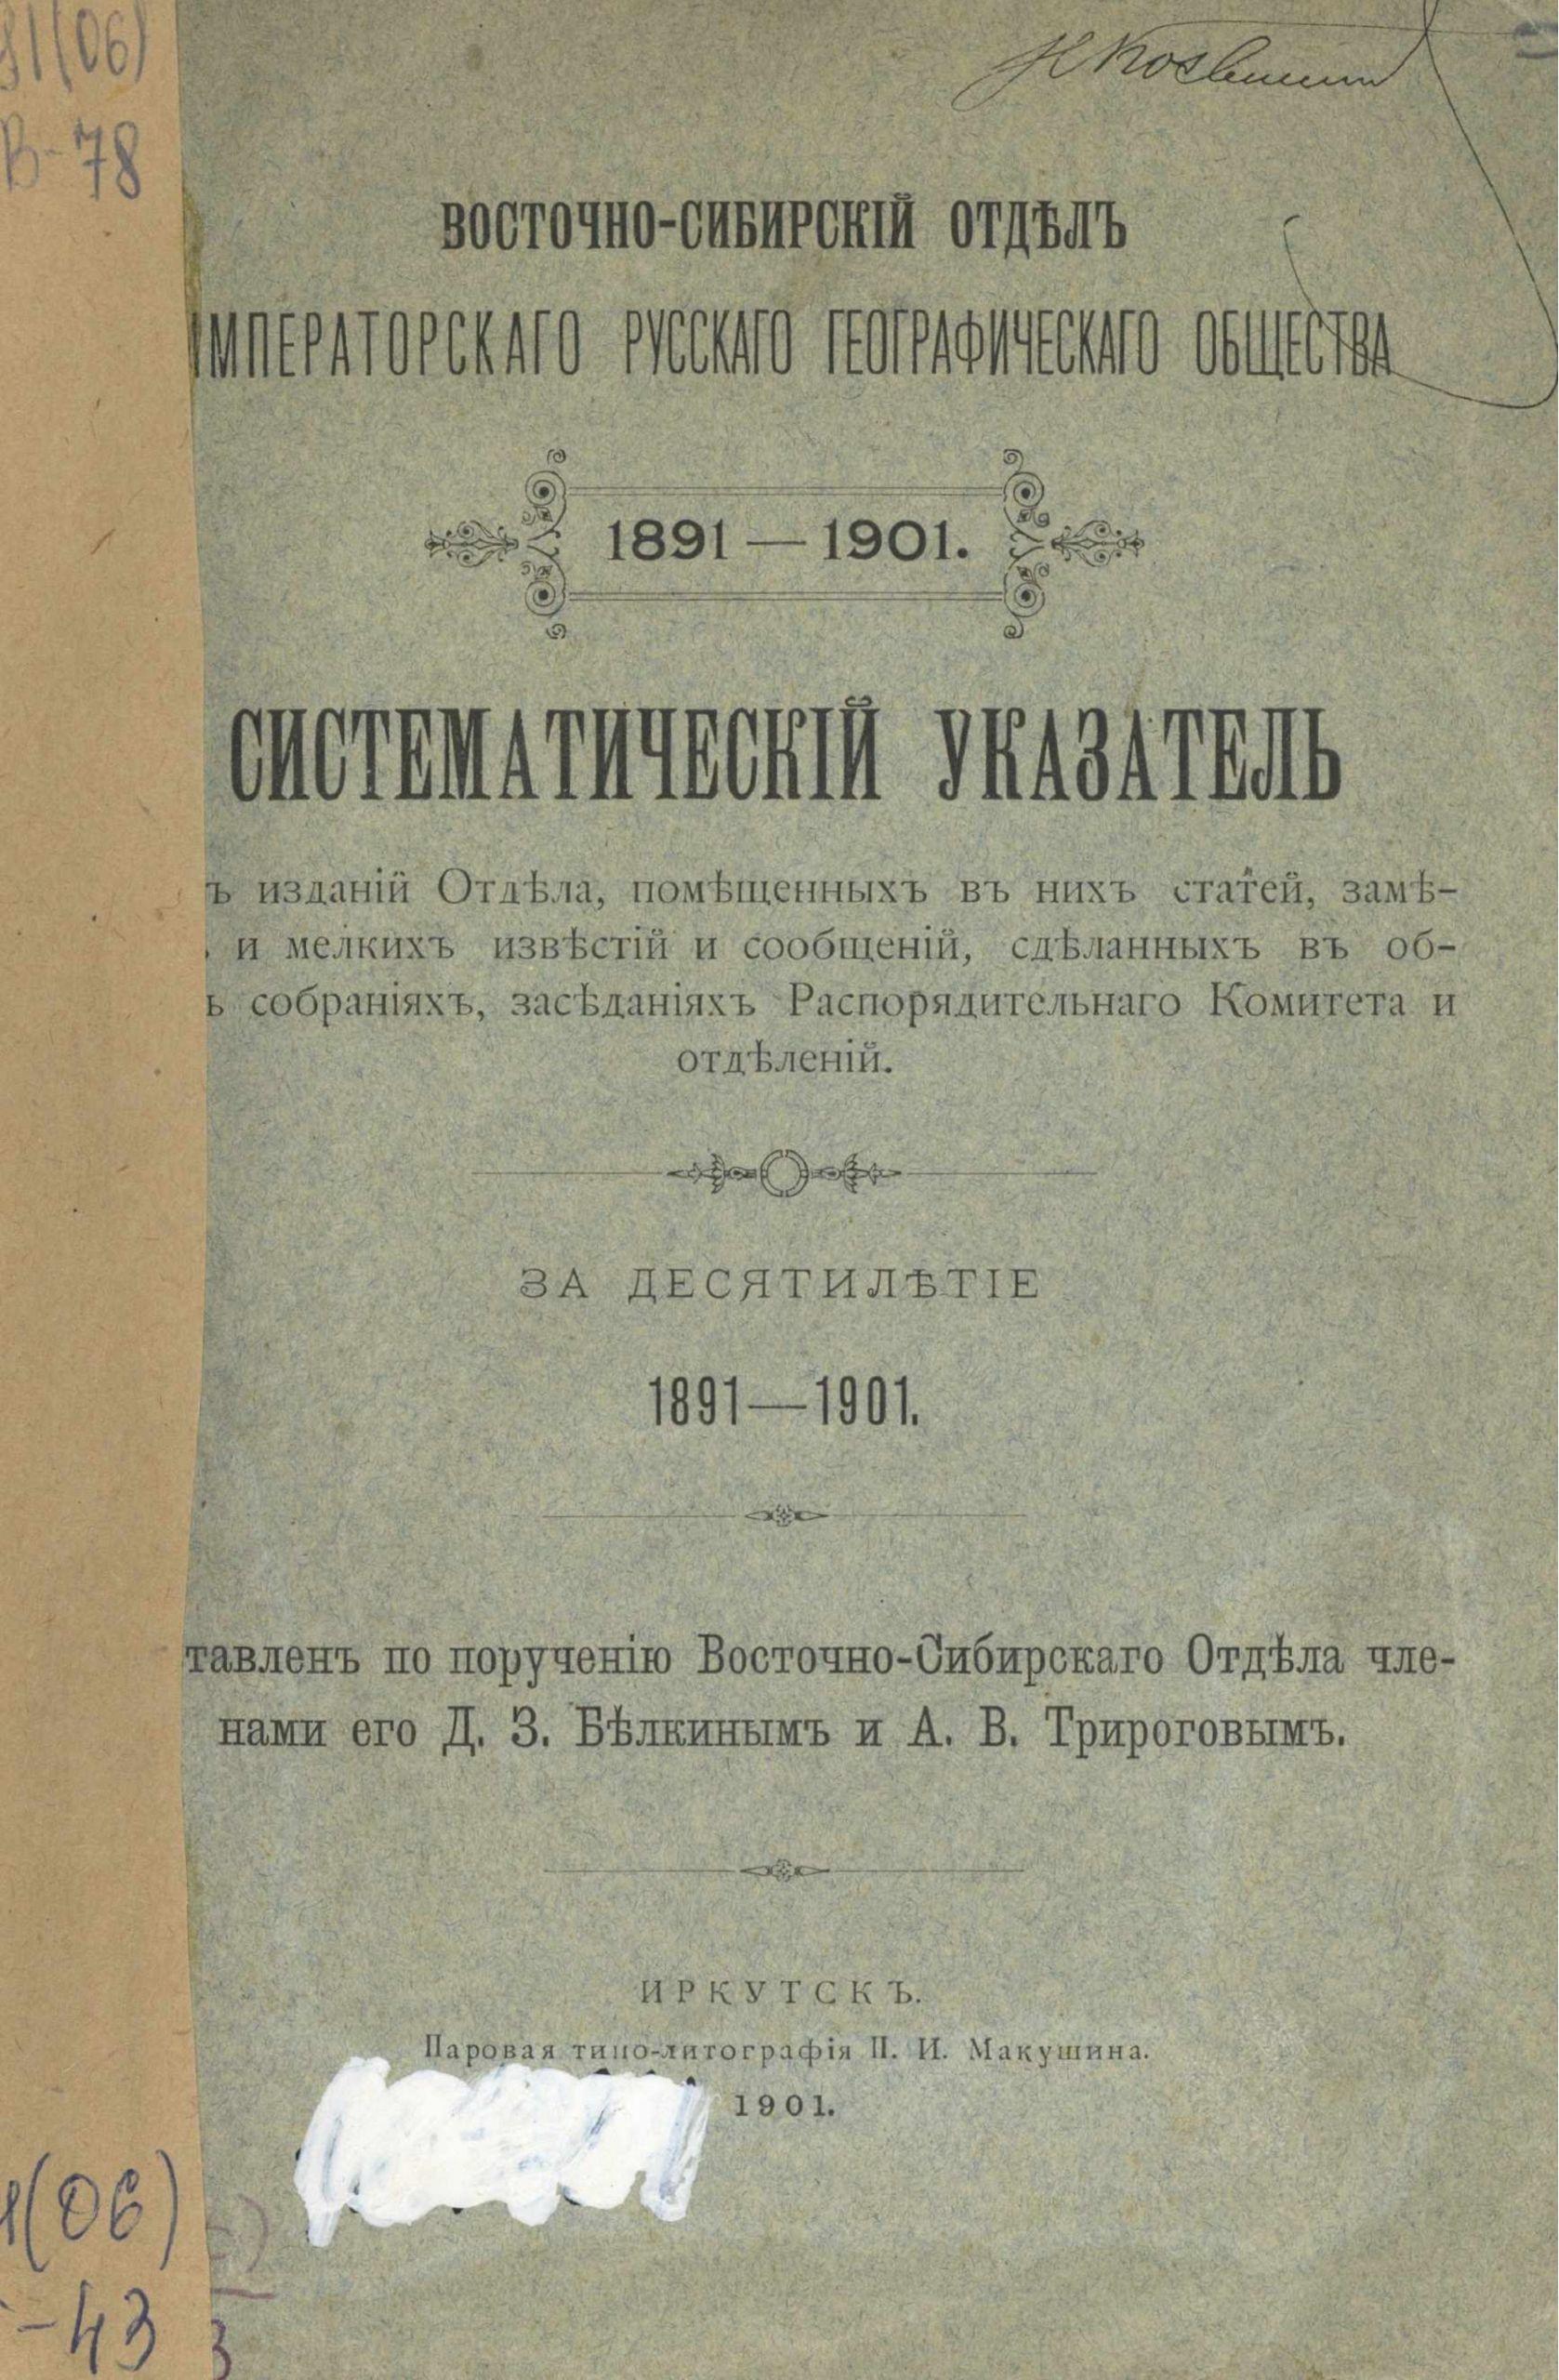 Sistematicheskiy ukazatel 1891 1901